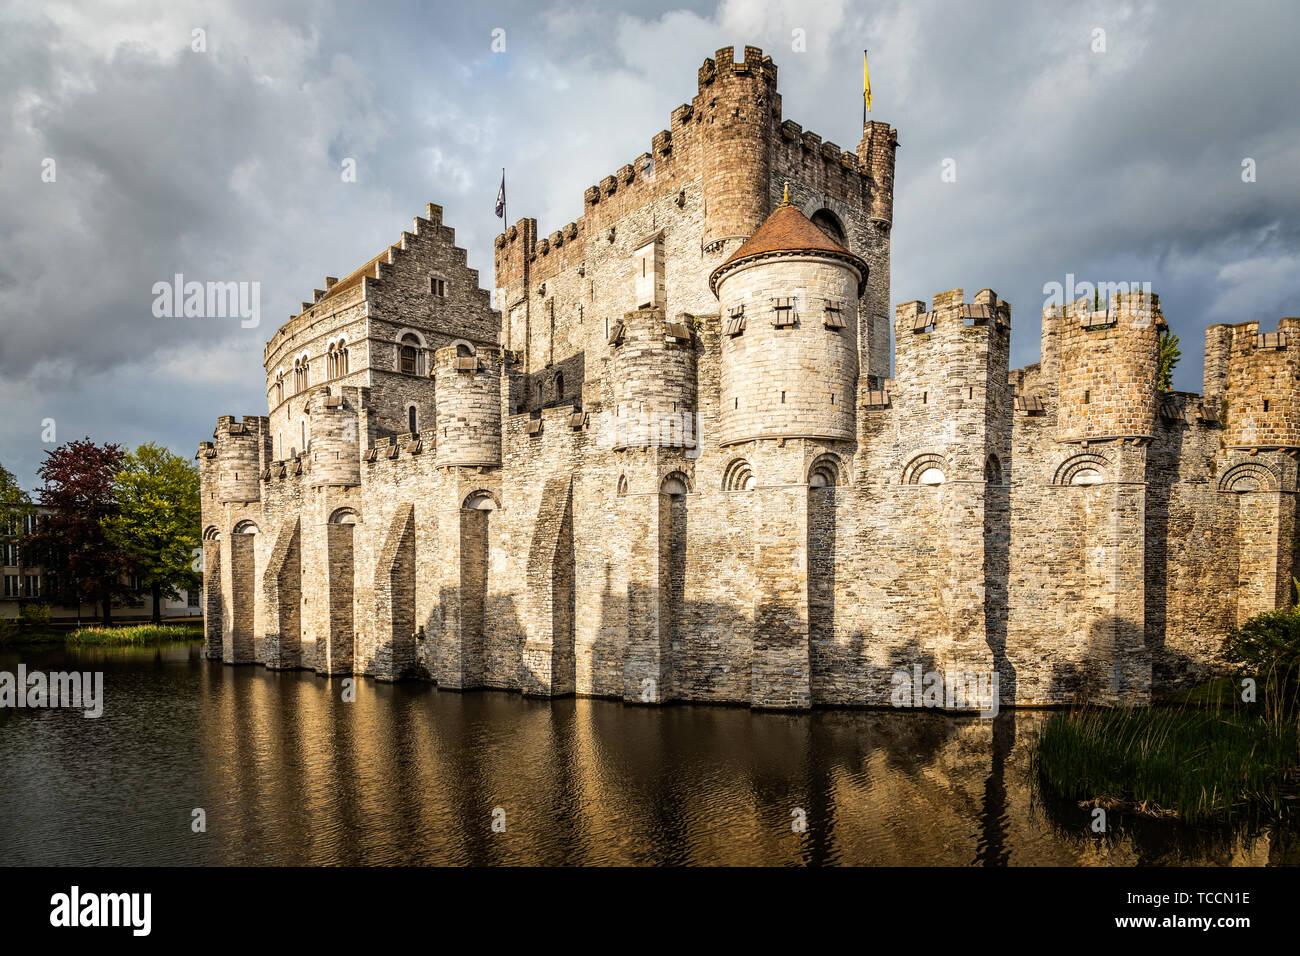 Remparts et tours de Gravensteen médiéval avec douves en premier plan, Gand, Flandre orientale, Belgique Banque D'Images